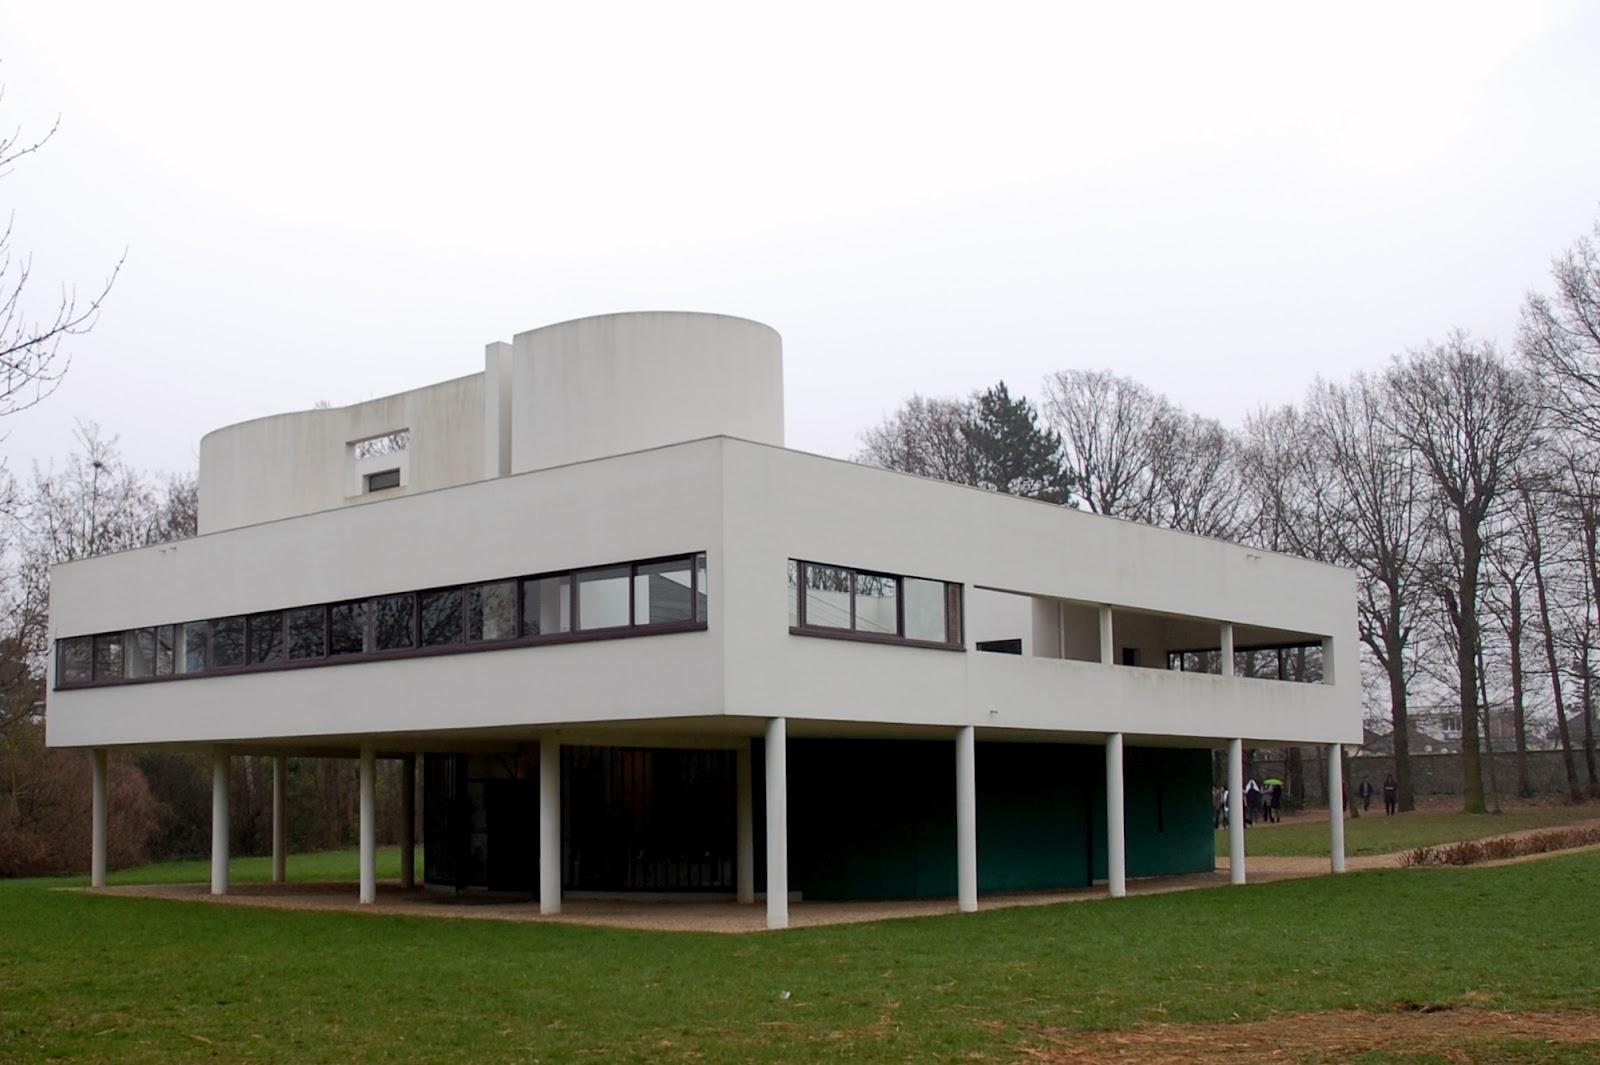 Agnese e villa savoye a poissy 1928 1931 - Le corbusier tetto giardino ...